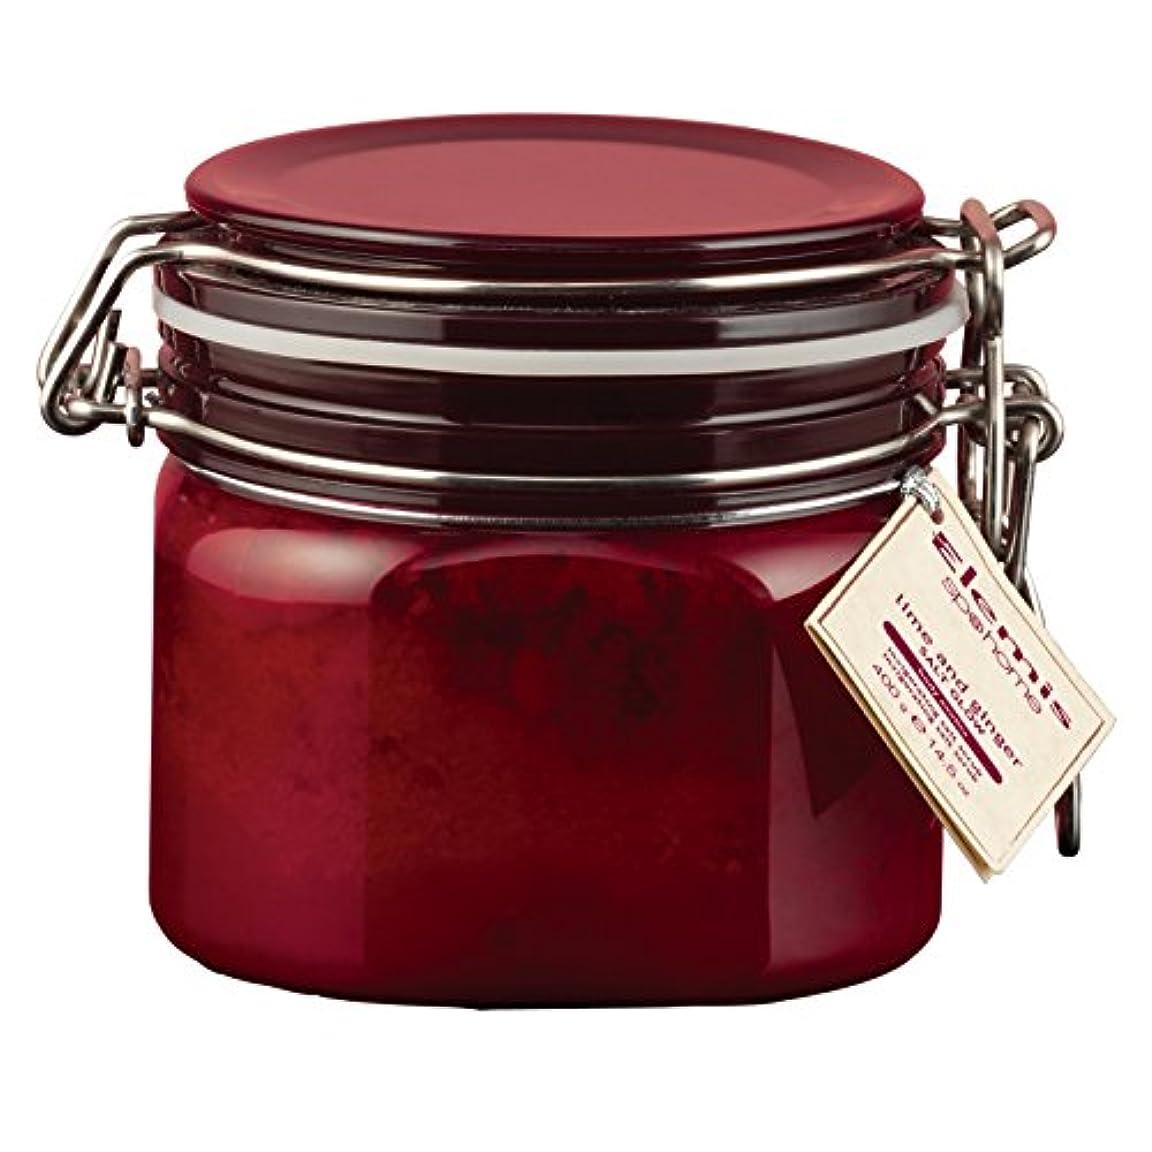 信号乳製品汚いエレミスライムとジンジャーソルトグロー410グラム (Elemis) (x2) - Elemis Lime and Ginger Salt Glow 410g (Pack of 2) [並行輸入品]